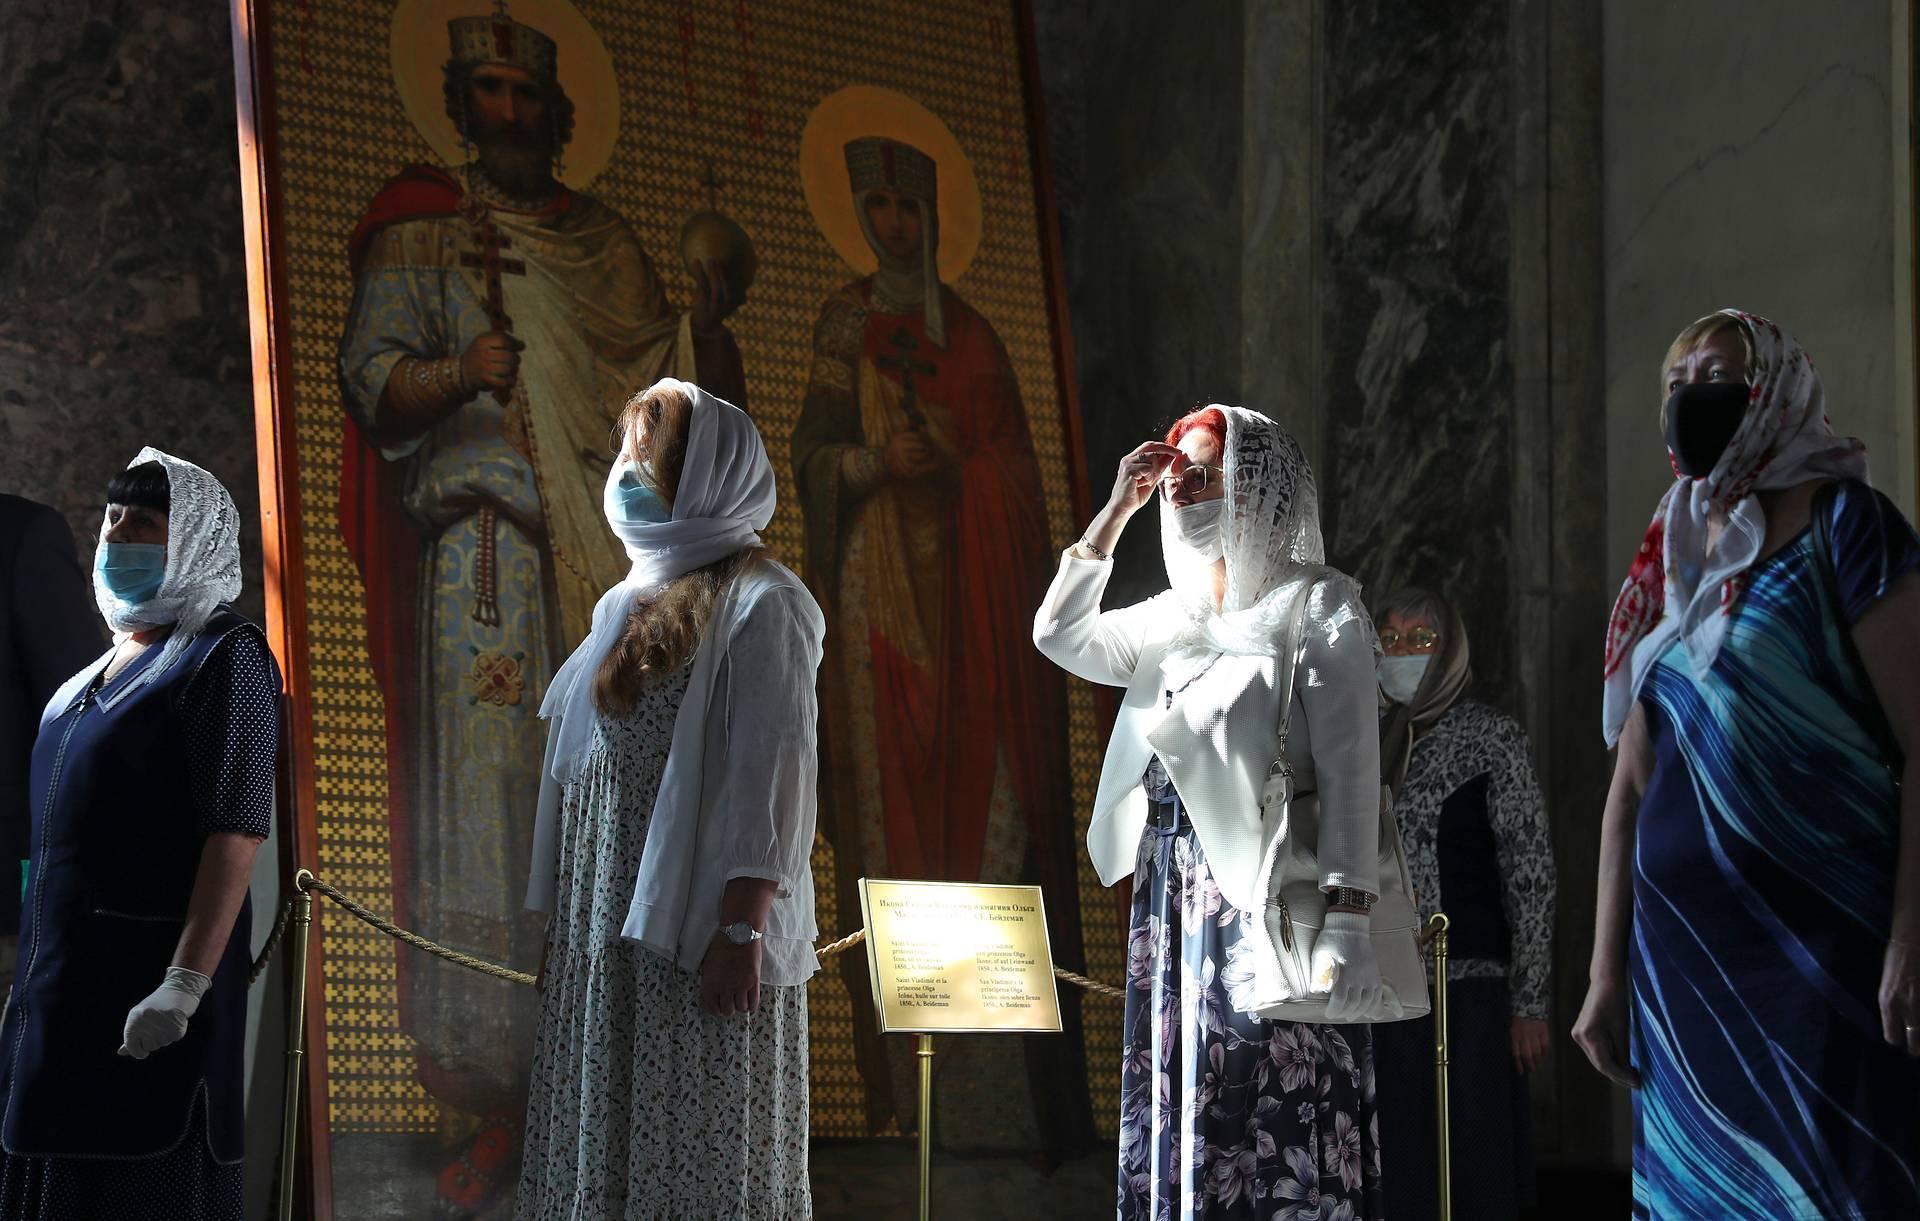 В РПЦ заявили, что о новом закрытии храмов из-за коронавируса не может быть и речи